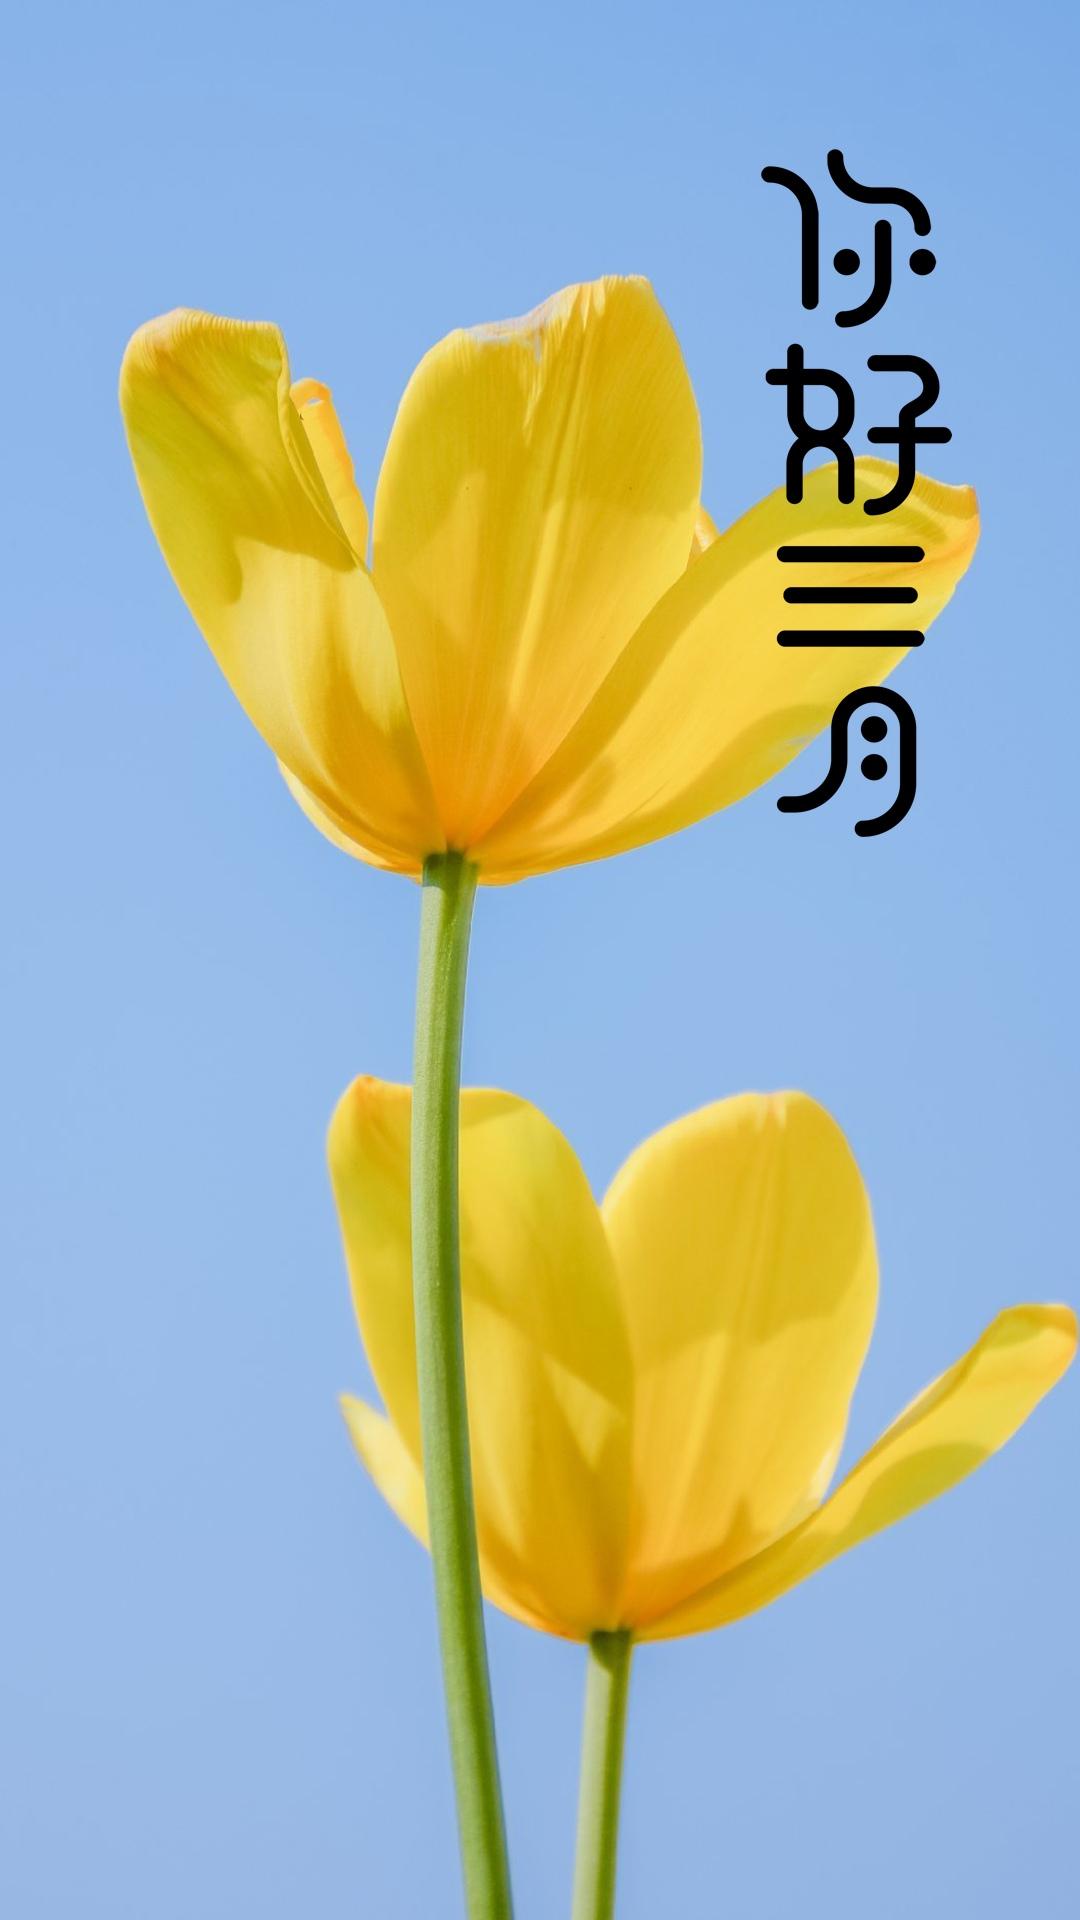 三月你好清新花朵植物手机壁纸图片